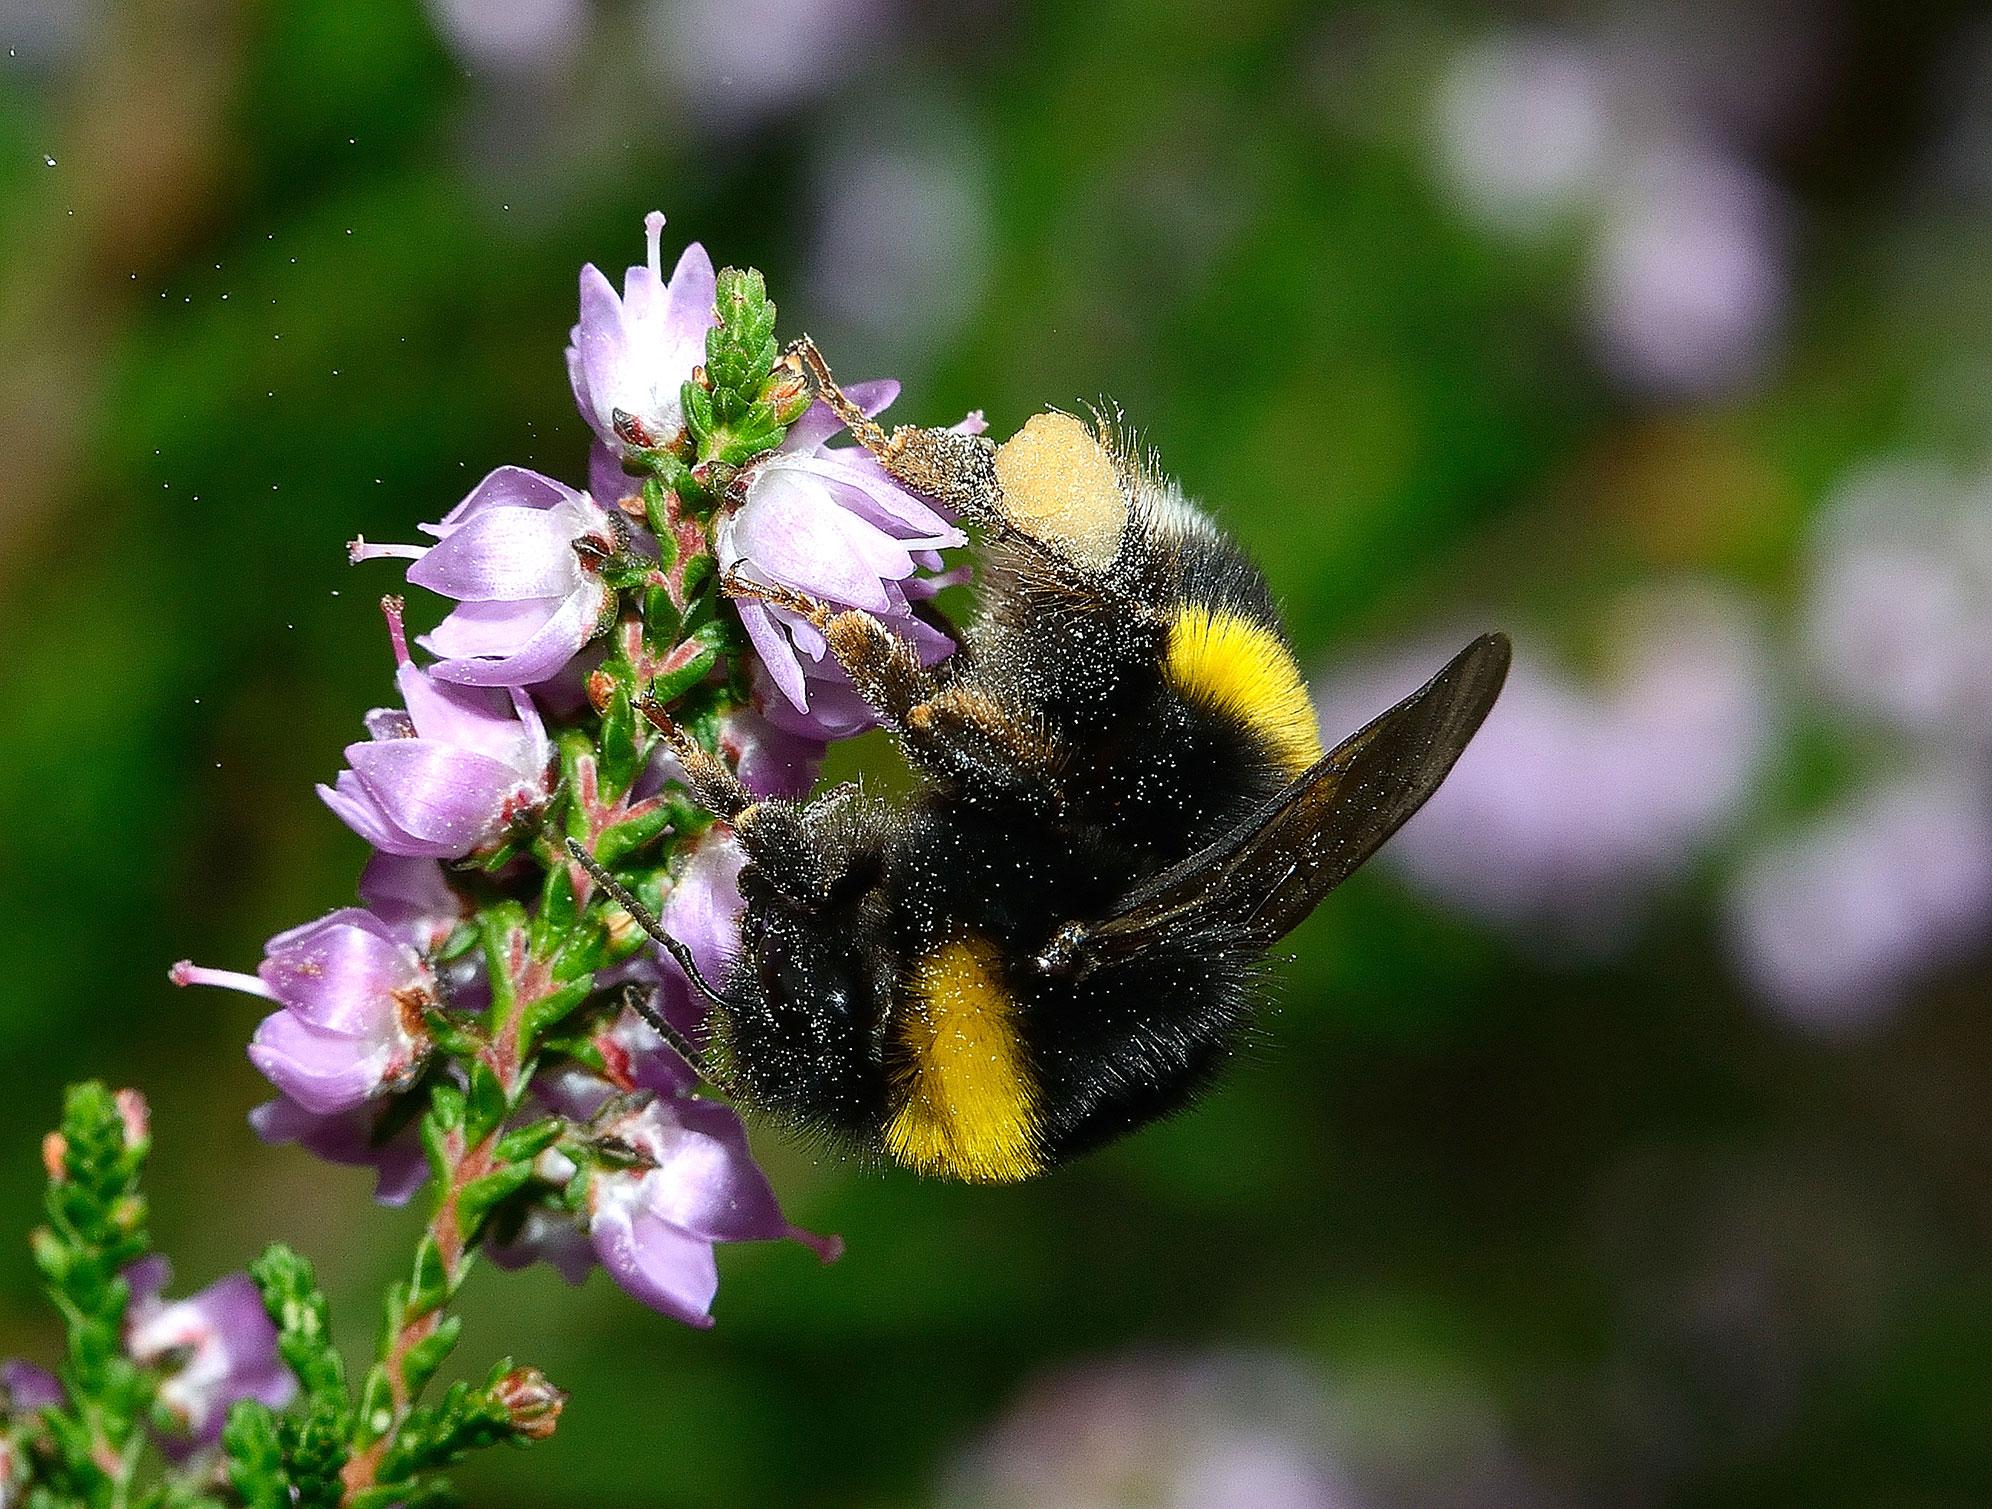 Abeille sauvage Bombus lucorum femelle butinant des fleurs mauves